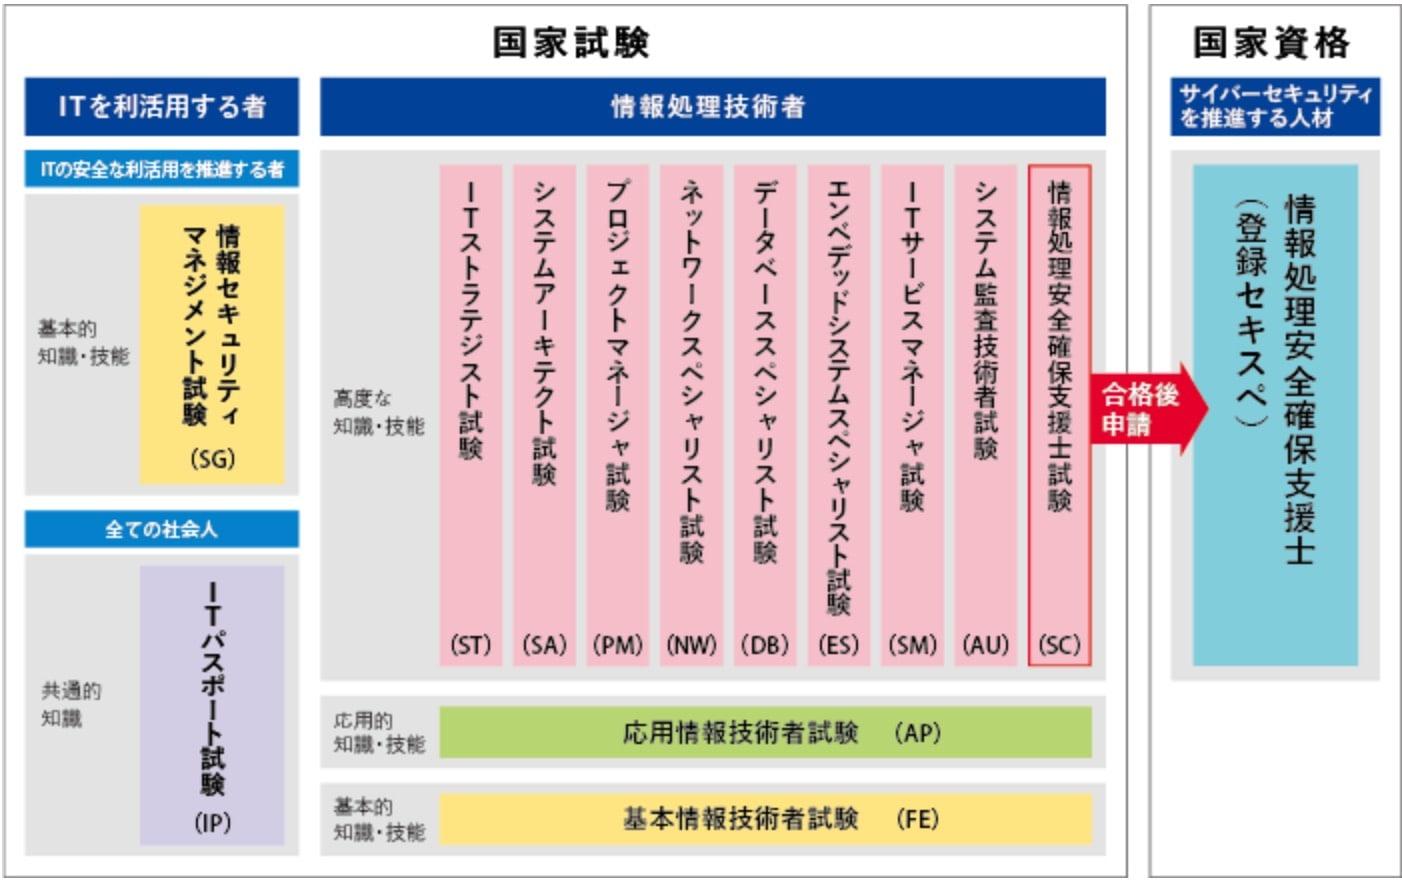 試験 it パスポート ITパスポート試験とは(試験日や難易度/勉強時間など)